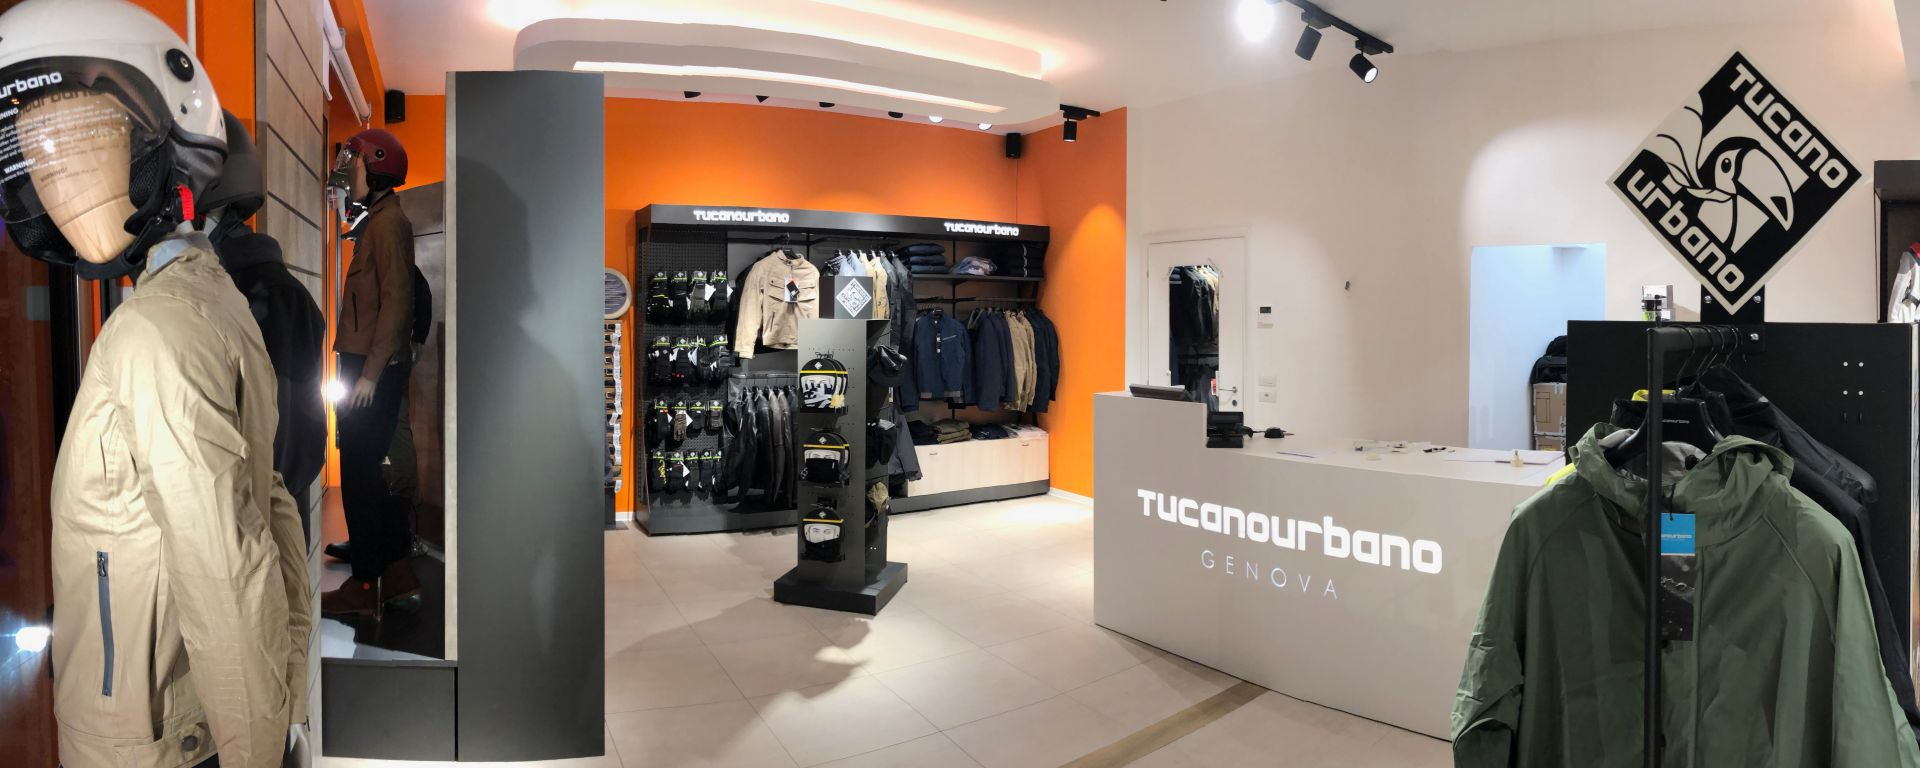 Tucano Urbano: nuovi store a Genova e Milano